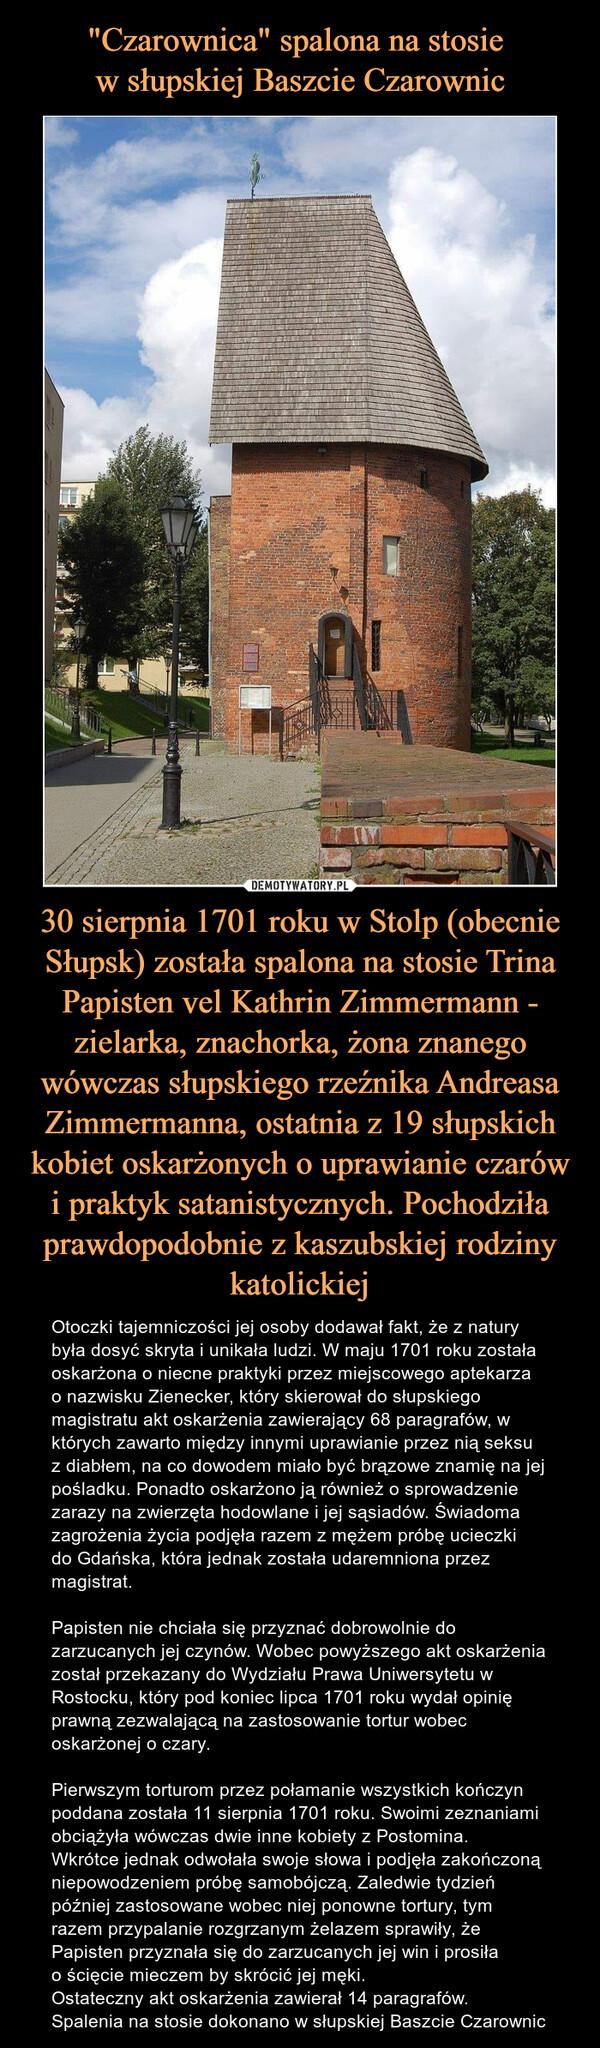 30 sierpnia 1701 roku w Stolp (obecnie Słupsk) została spalona na stosie Trina Papisten vel Kathrin Zimmermann - zielarka, znachorka, żona znanego wówczas słupskiego rzeźnika Andreasa Zimmermanna, ostatnia z 19 słupskich kobiet oskarżonych o uprawianie czarów i praktyk satanistycznych. Pochodziła prawdopodobnie z kaszubskiej rodziny katolickiej – Otoczki tajemniczości jej osoby dodawał fakt, że z natury była dosyć skryta i unikała ludzi. W maju 1701 roku została oskarżona o niecne praktyki przez miejscowego aptekarza o nazwisku Zienecker, który skierował do słupskiego magistratu akt oskarżenia zawierający 68 paragrafów, w których zawarto między innymi uprawianie przez nią seksu z diabłem, na co dowodem miało być brązowe znamię na jej pośladku. Ponadto oskarżono ją również o sprowadzenie zarazy na zwierzęta hodowlane i jej sąsiadów. Świadoma zagrożenia życia podjęła razem z mężem próbę ucieczki do Gdańska, która jednak została udaremniona przez magistrat.Papisten nie chciała się przyznać dobrowolnie do zarzucanych jej czynów. Wobec powyższego akt oskarżenia został przekazany do Wydziału Prawa Uniwersytetu w Rostocku, który pod koniec lipca 1701 roku wydał opinię prawną zezwalającą na zastosowanie tortur wobec oskarżonej o czary.Pierwszym torturom przez połamanie wszystkich kończyn poddana została 11 sierpnia 1701 roku. Swoimi zeznaniami obciążyła wówczas dwie inne kobiety z Postomina. Wkrótce jednak odwołała swoje słowa i podjęła zakończoną niepowodzeniem próbę samobójczą. Zaledwie tydzień później zastosowane wobec niej ponowne tortury, tym razem przypalanie rozgrzanym żelazem sprawiły, że Papisten przyznała się do zarzucanych jej win i prosiła o ścięcie mieczem by skrócić jej męki.Ostateczny akt oskarżenia zawierał 14 paragrafów. Spalenia na stosie dokonano w słupskiej Baszcie Czarownic